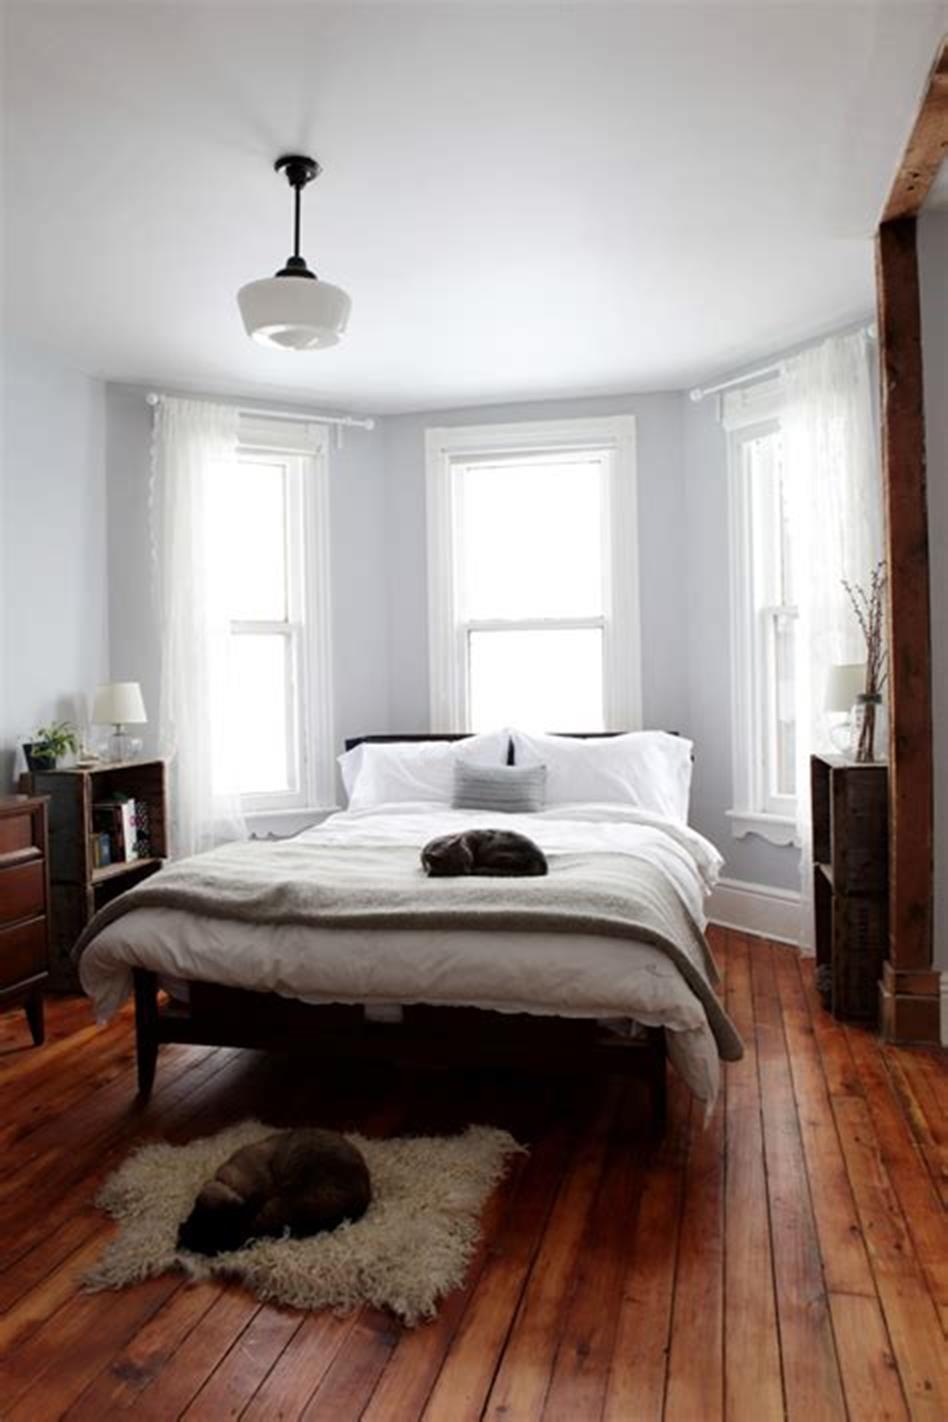 55 Amazing Small Master Bedroom Decorating Design Ideas On A Budget Small Master Bedroom Bedroom Flooring Bedroom Wood Floor